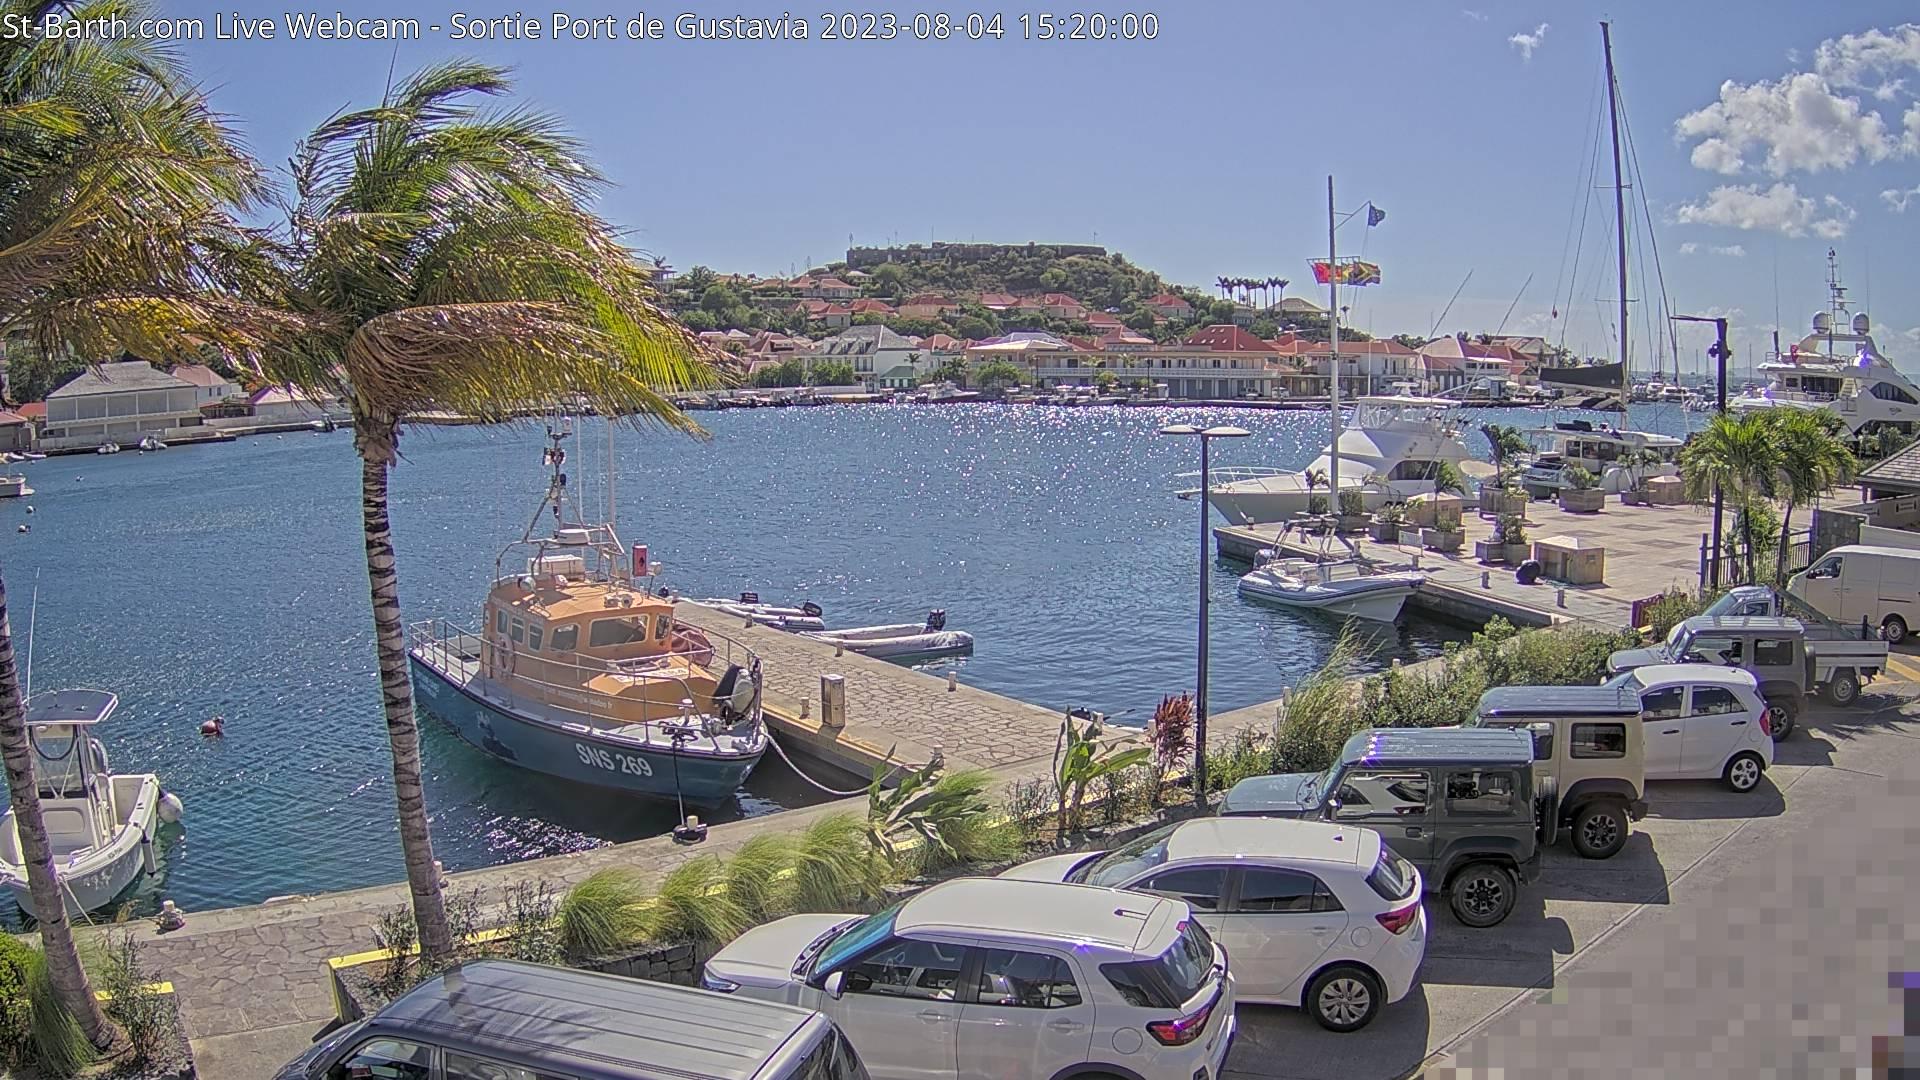 St Barth - St-Barth.com - Rade de Gustavia - Webcam